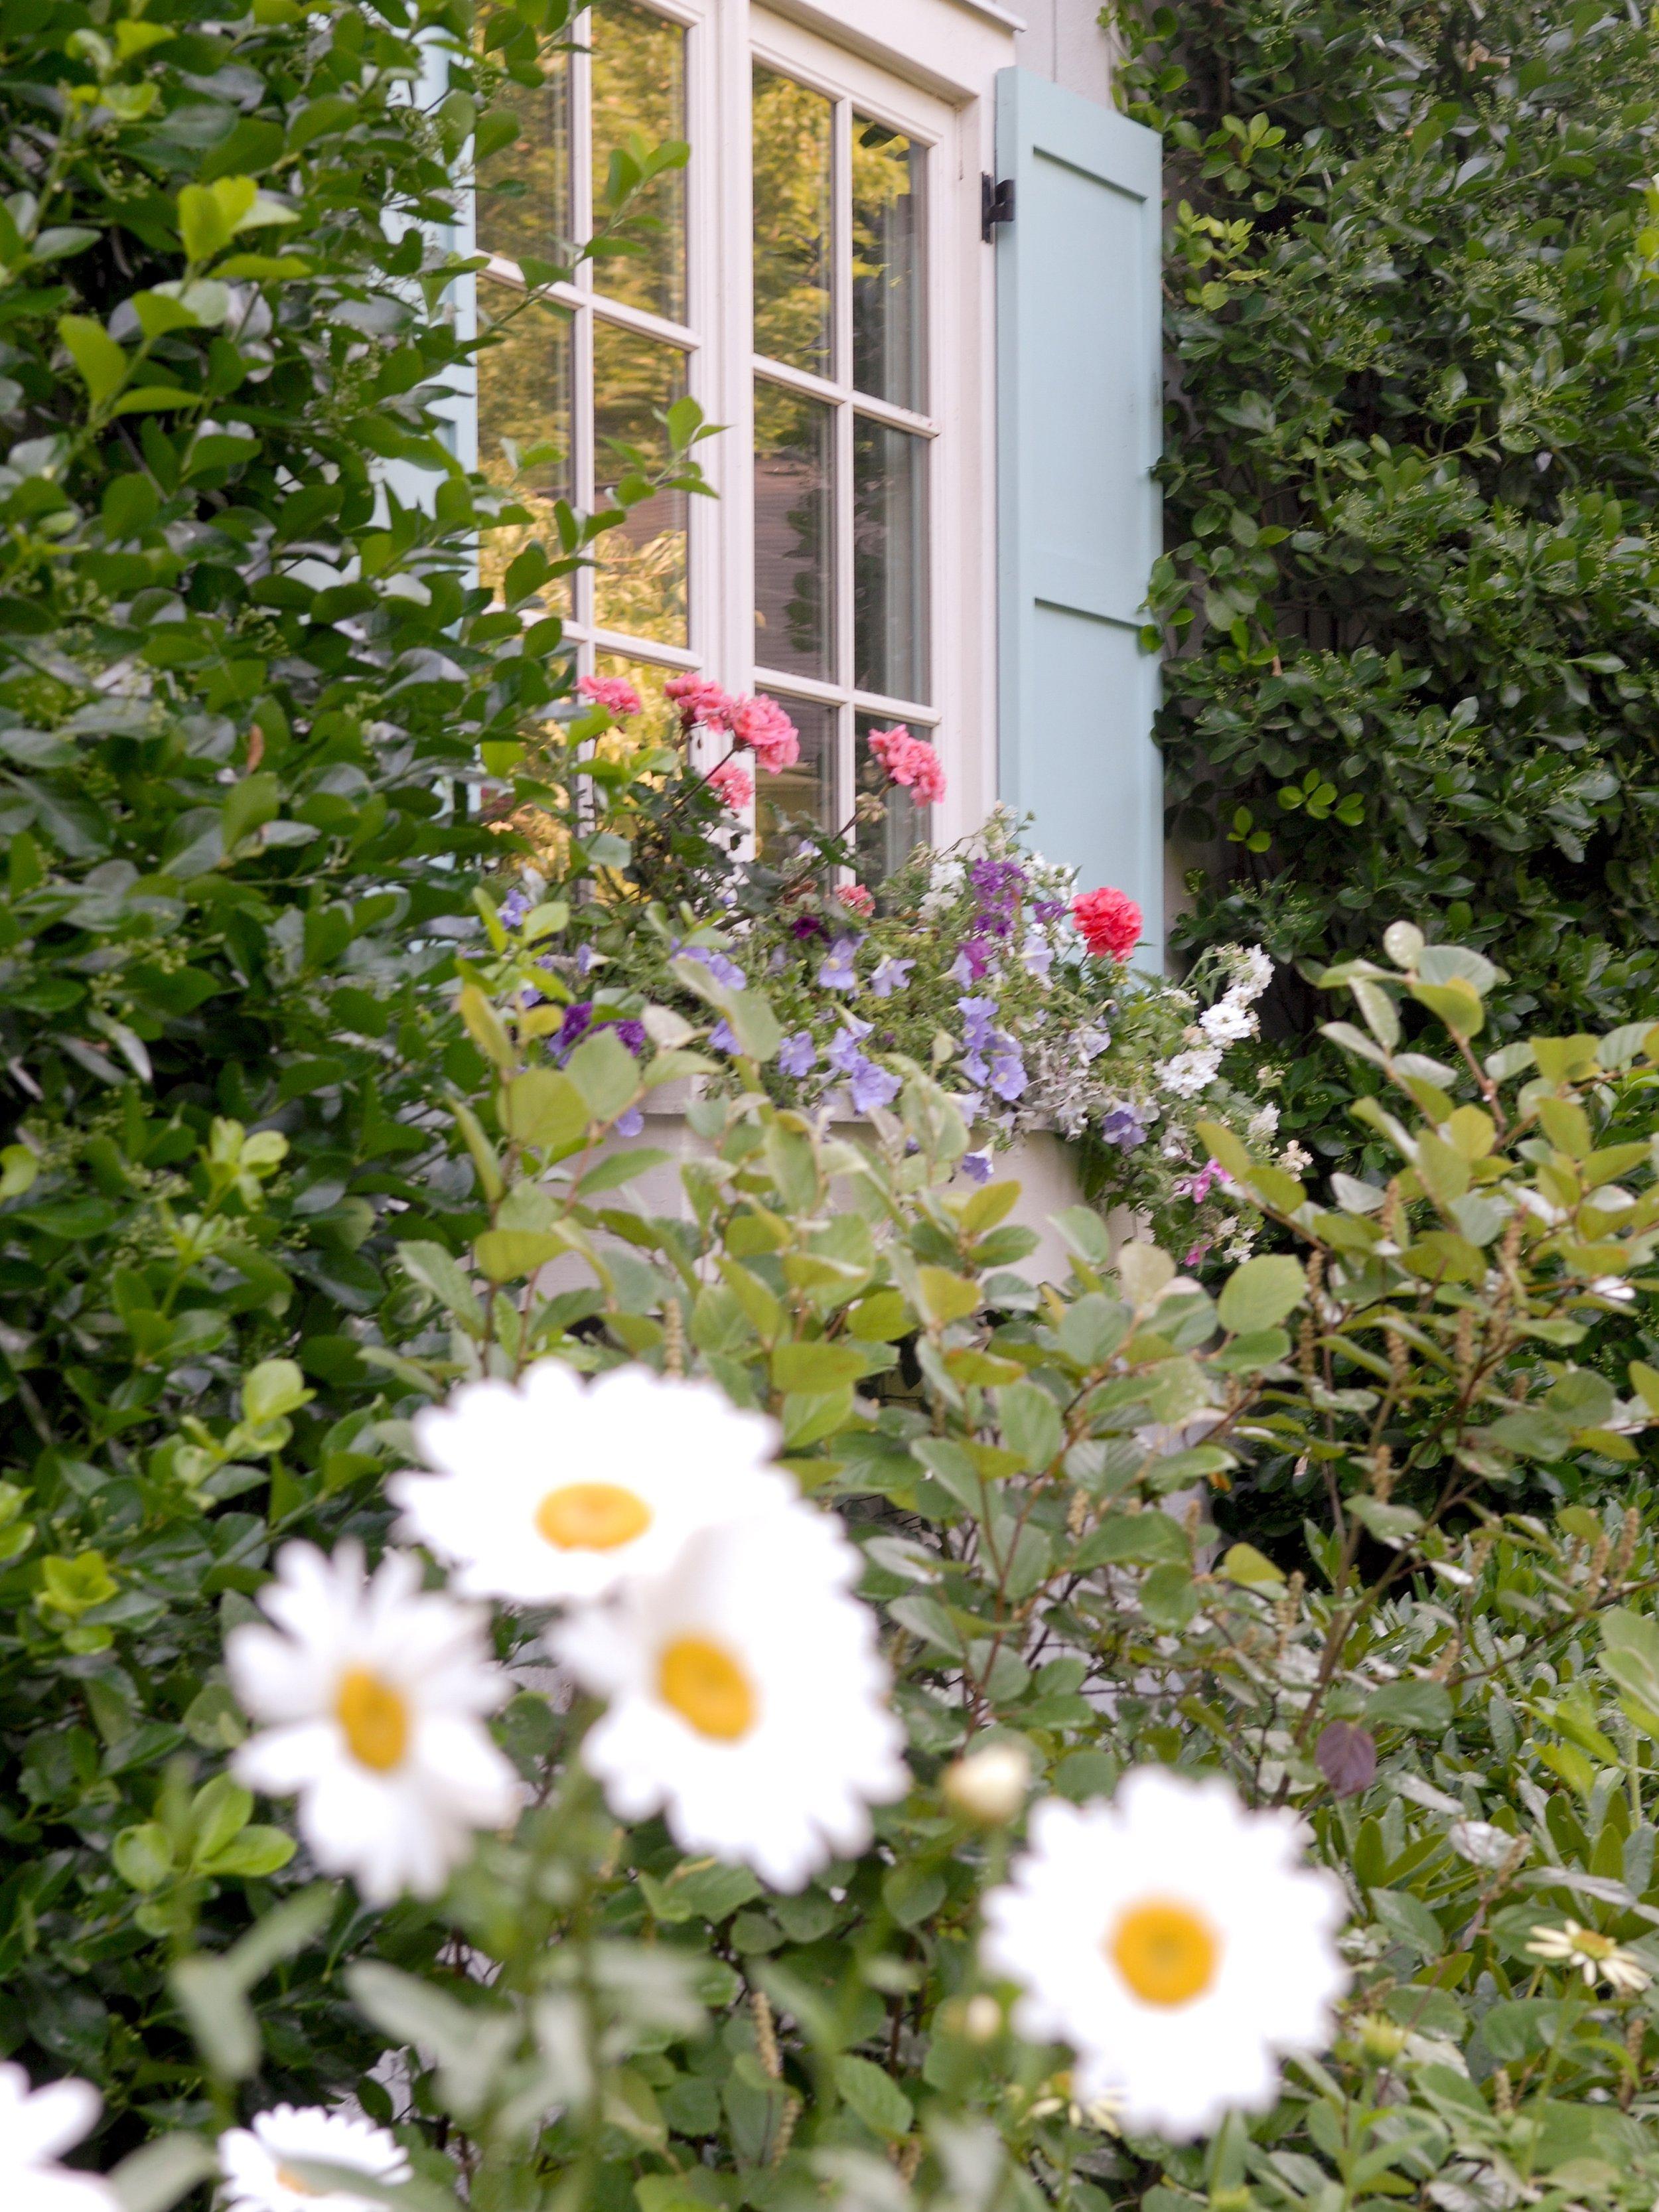 gardennew7.jpg